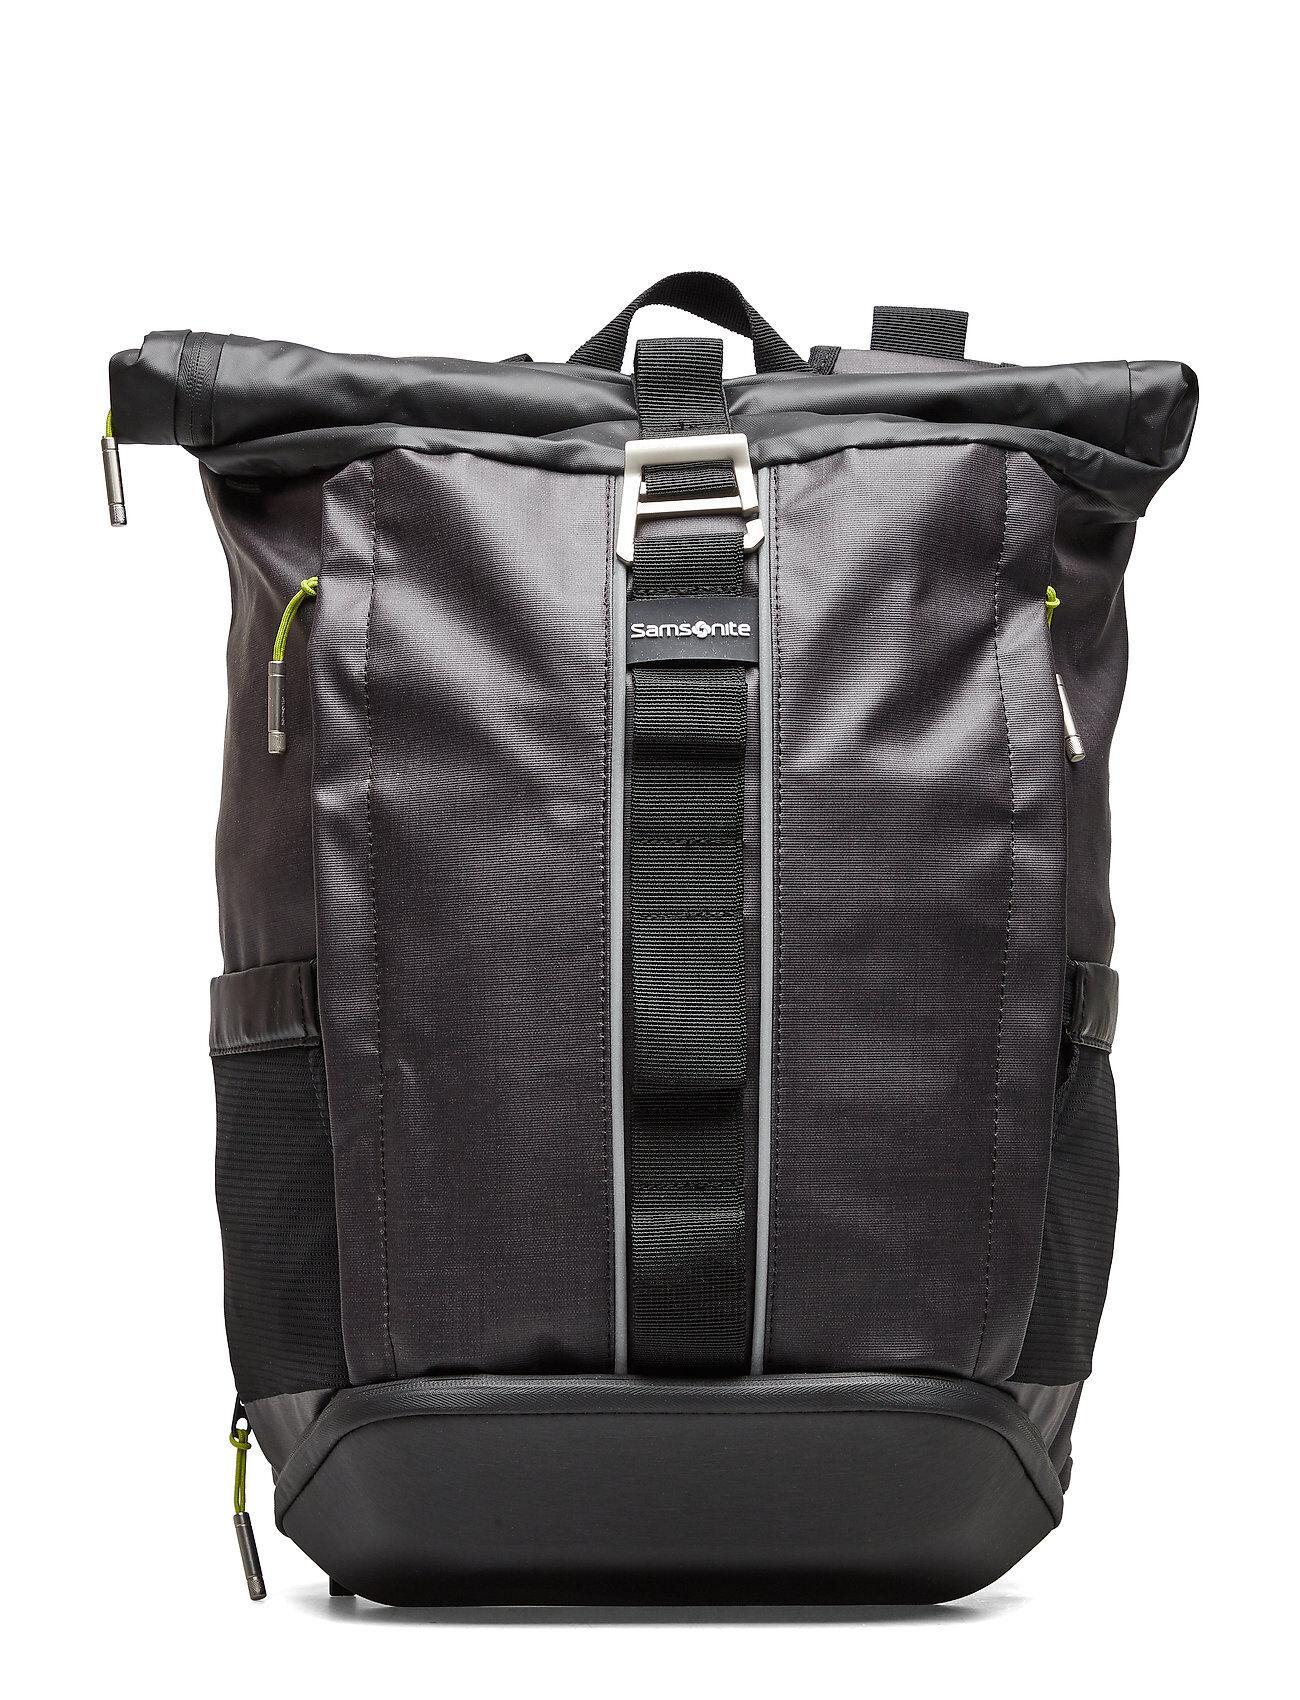 Samsonite 2wm Lp Backpack 15,6 Reppu Laukku Musta